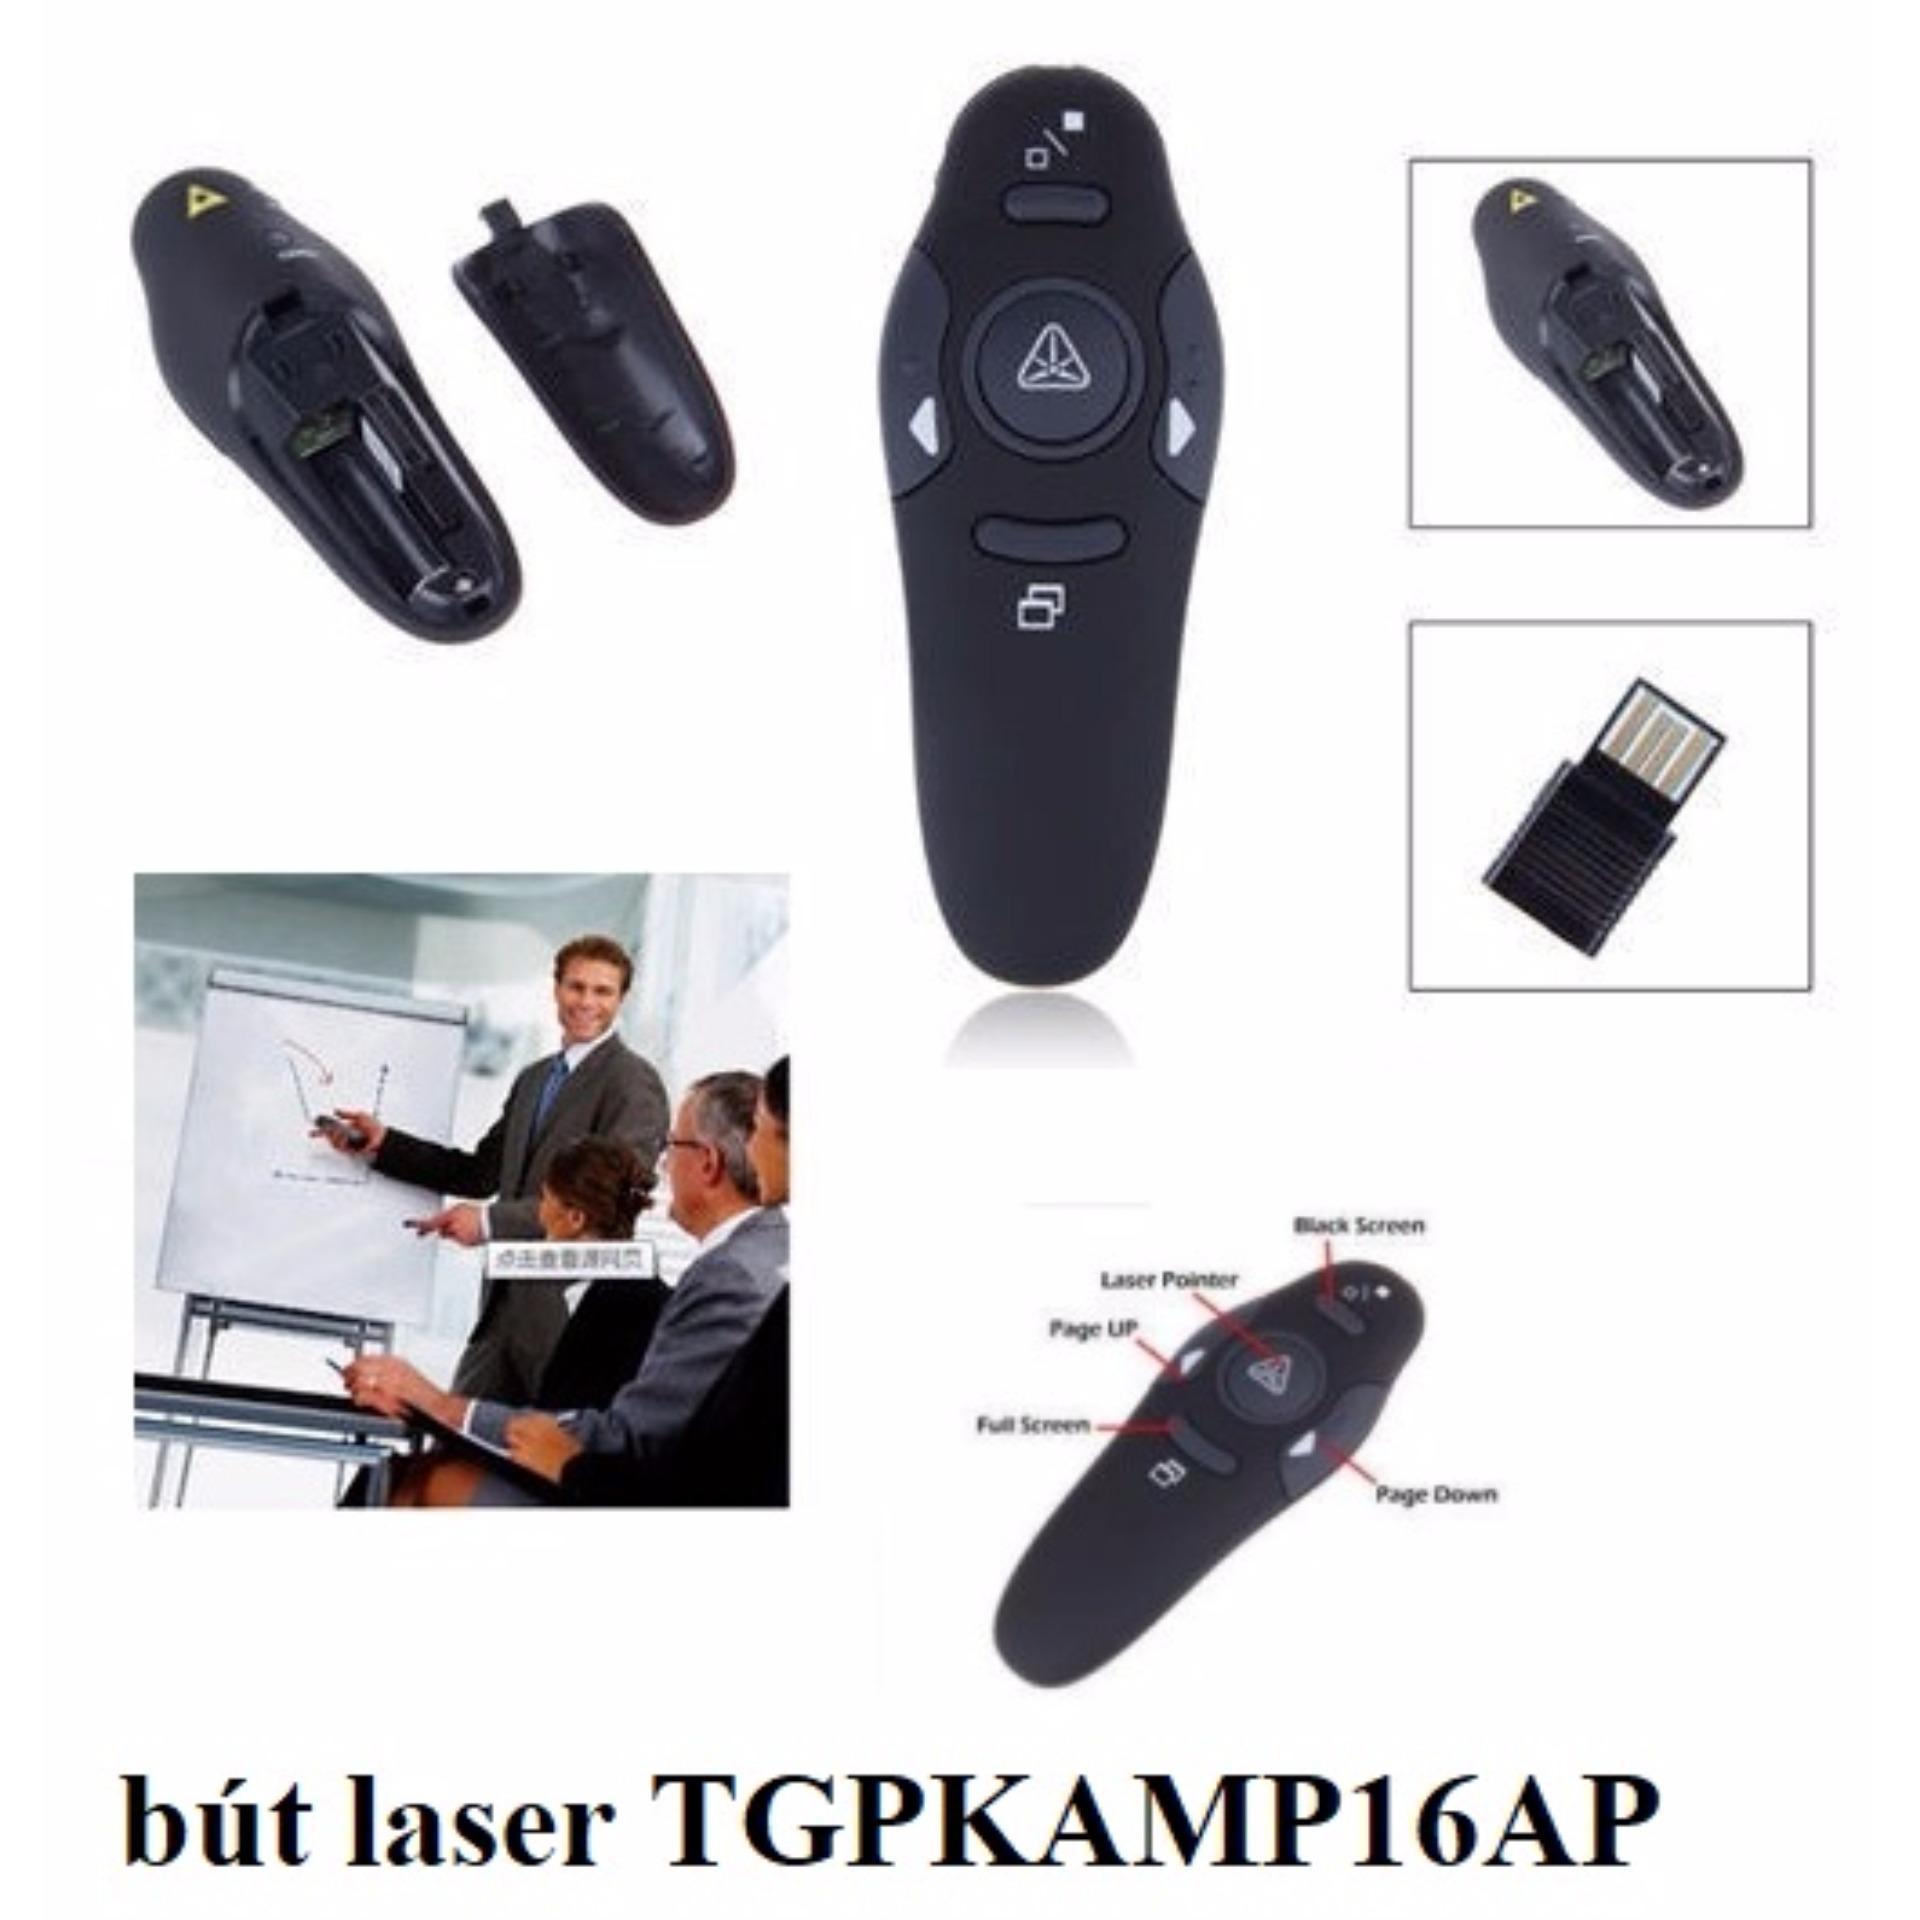 Chi tiết sản phẩm Bút trình chiếu, lật trang laser TGPKAMP16AP